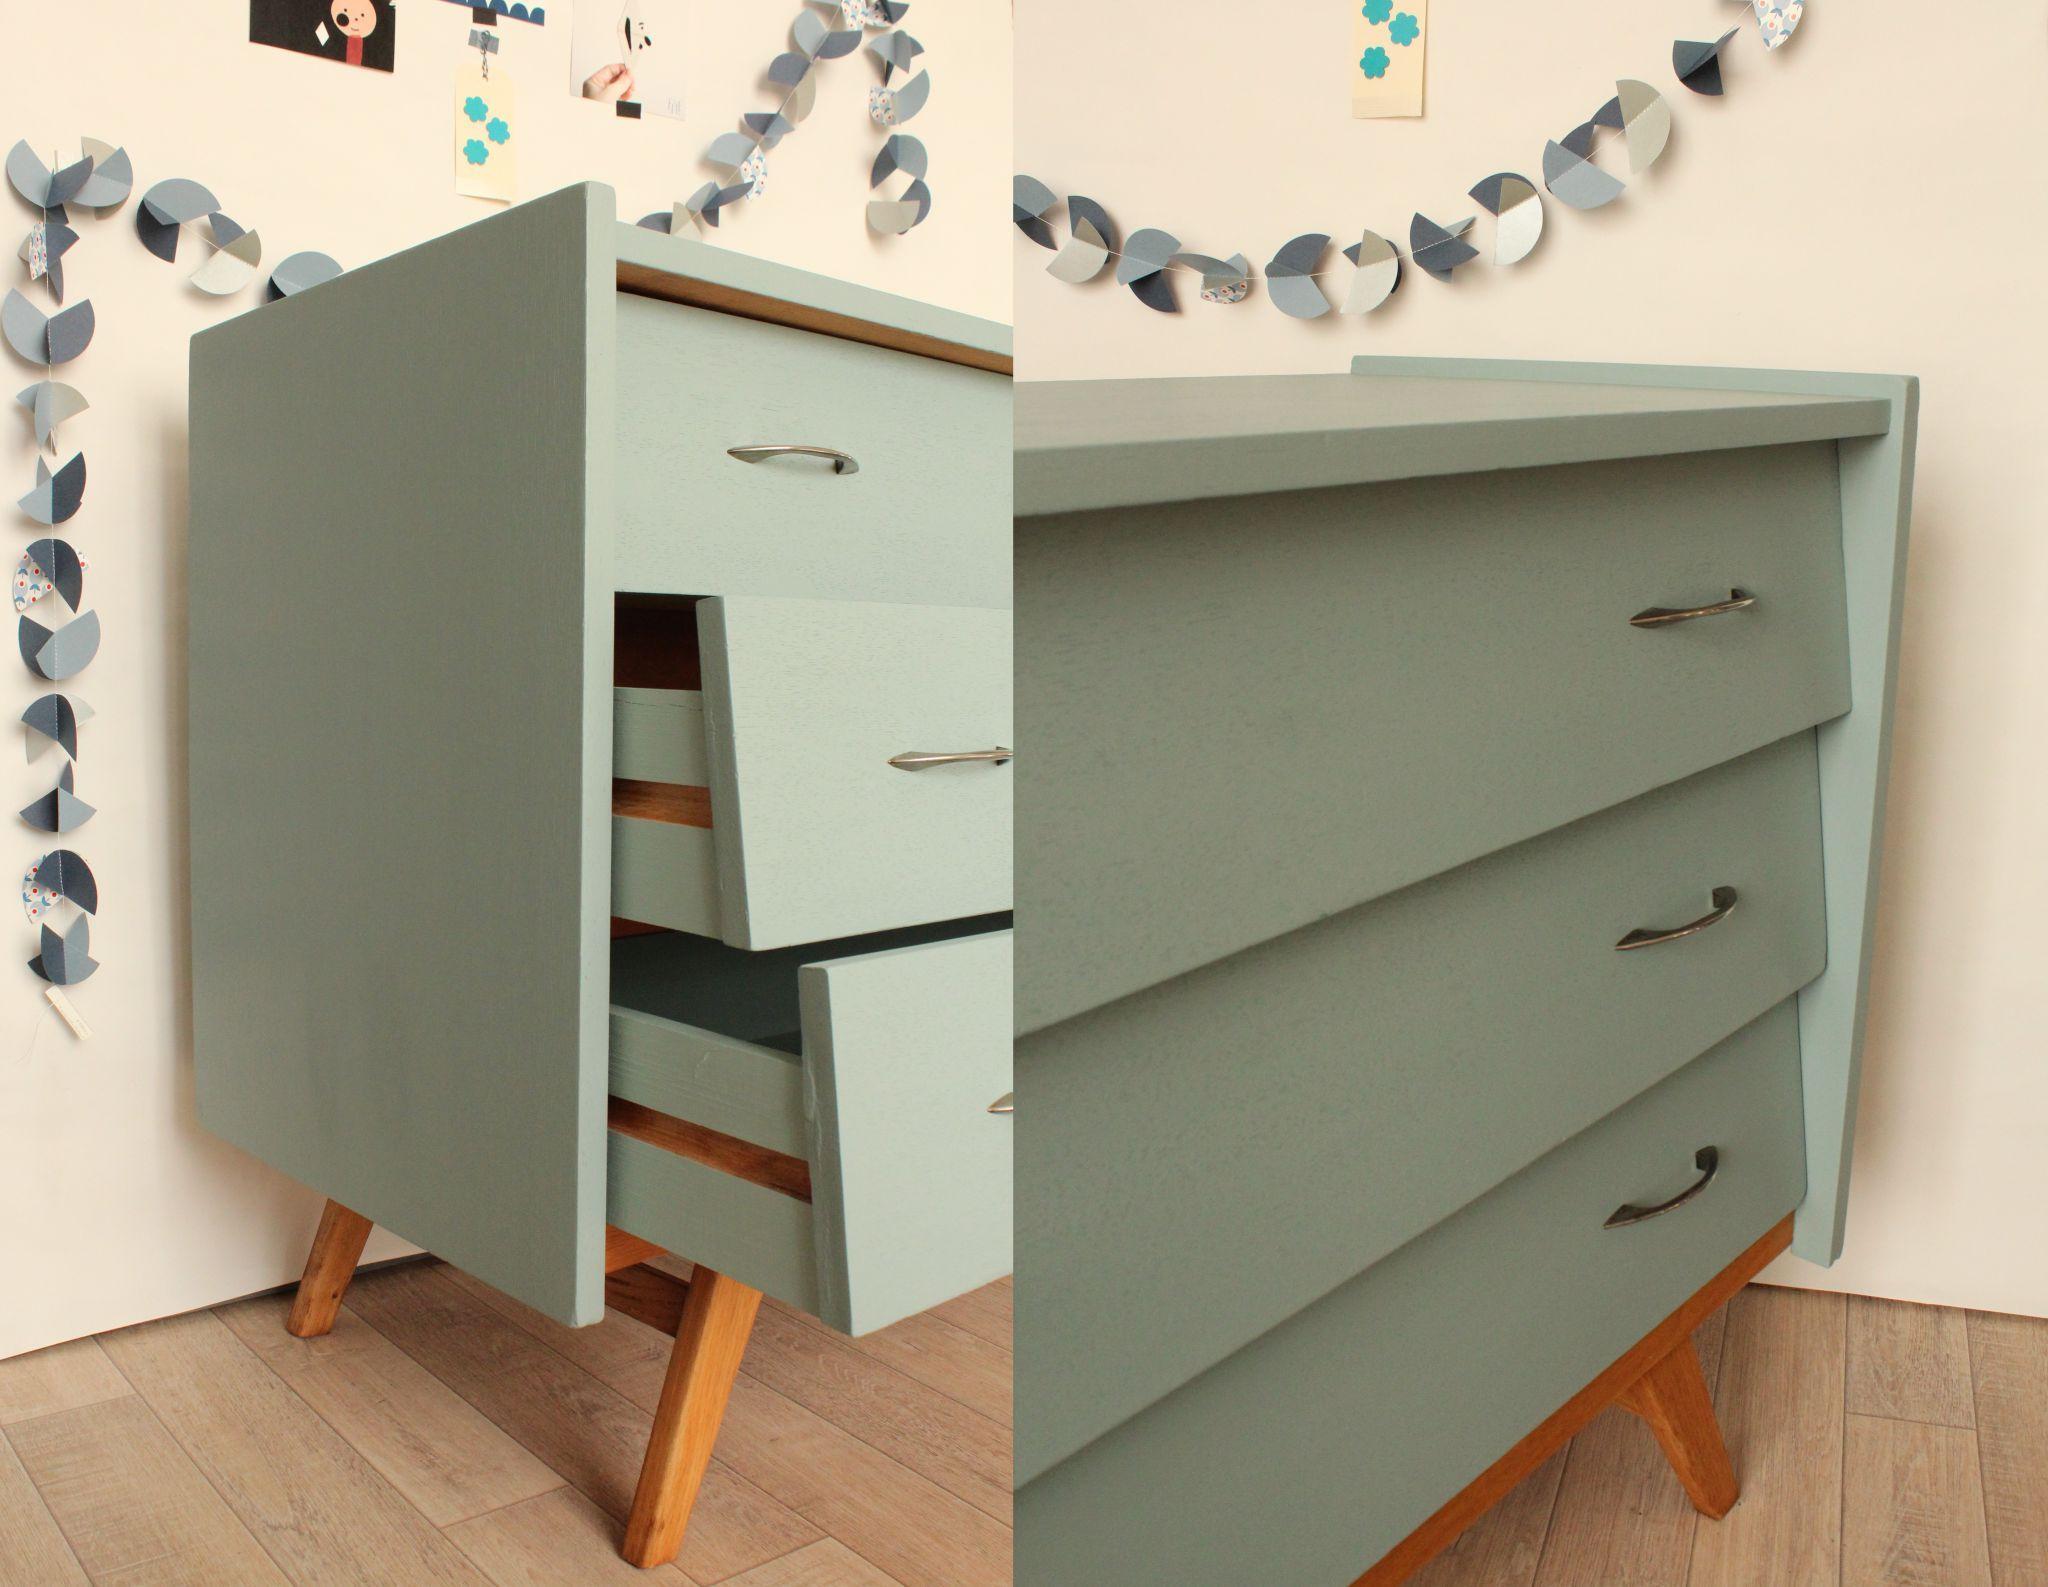 Commode vintage ann es 50 bleue pi tement naturel trendy little 6 id es r novation meubles - Idee renovation meuble ...